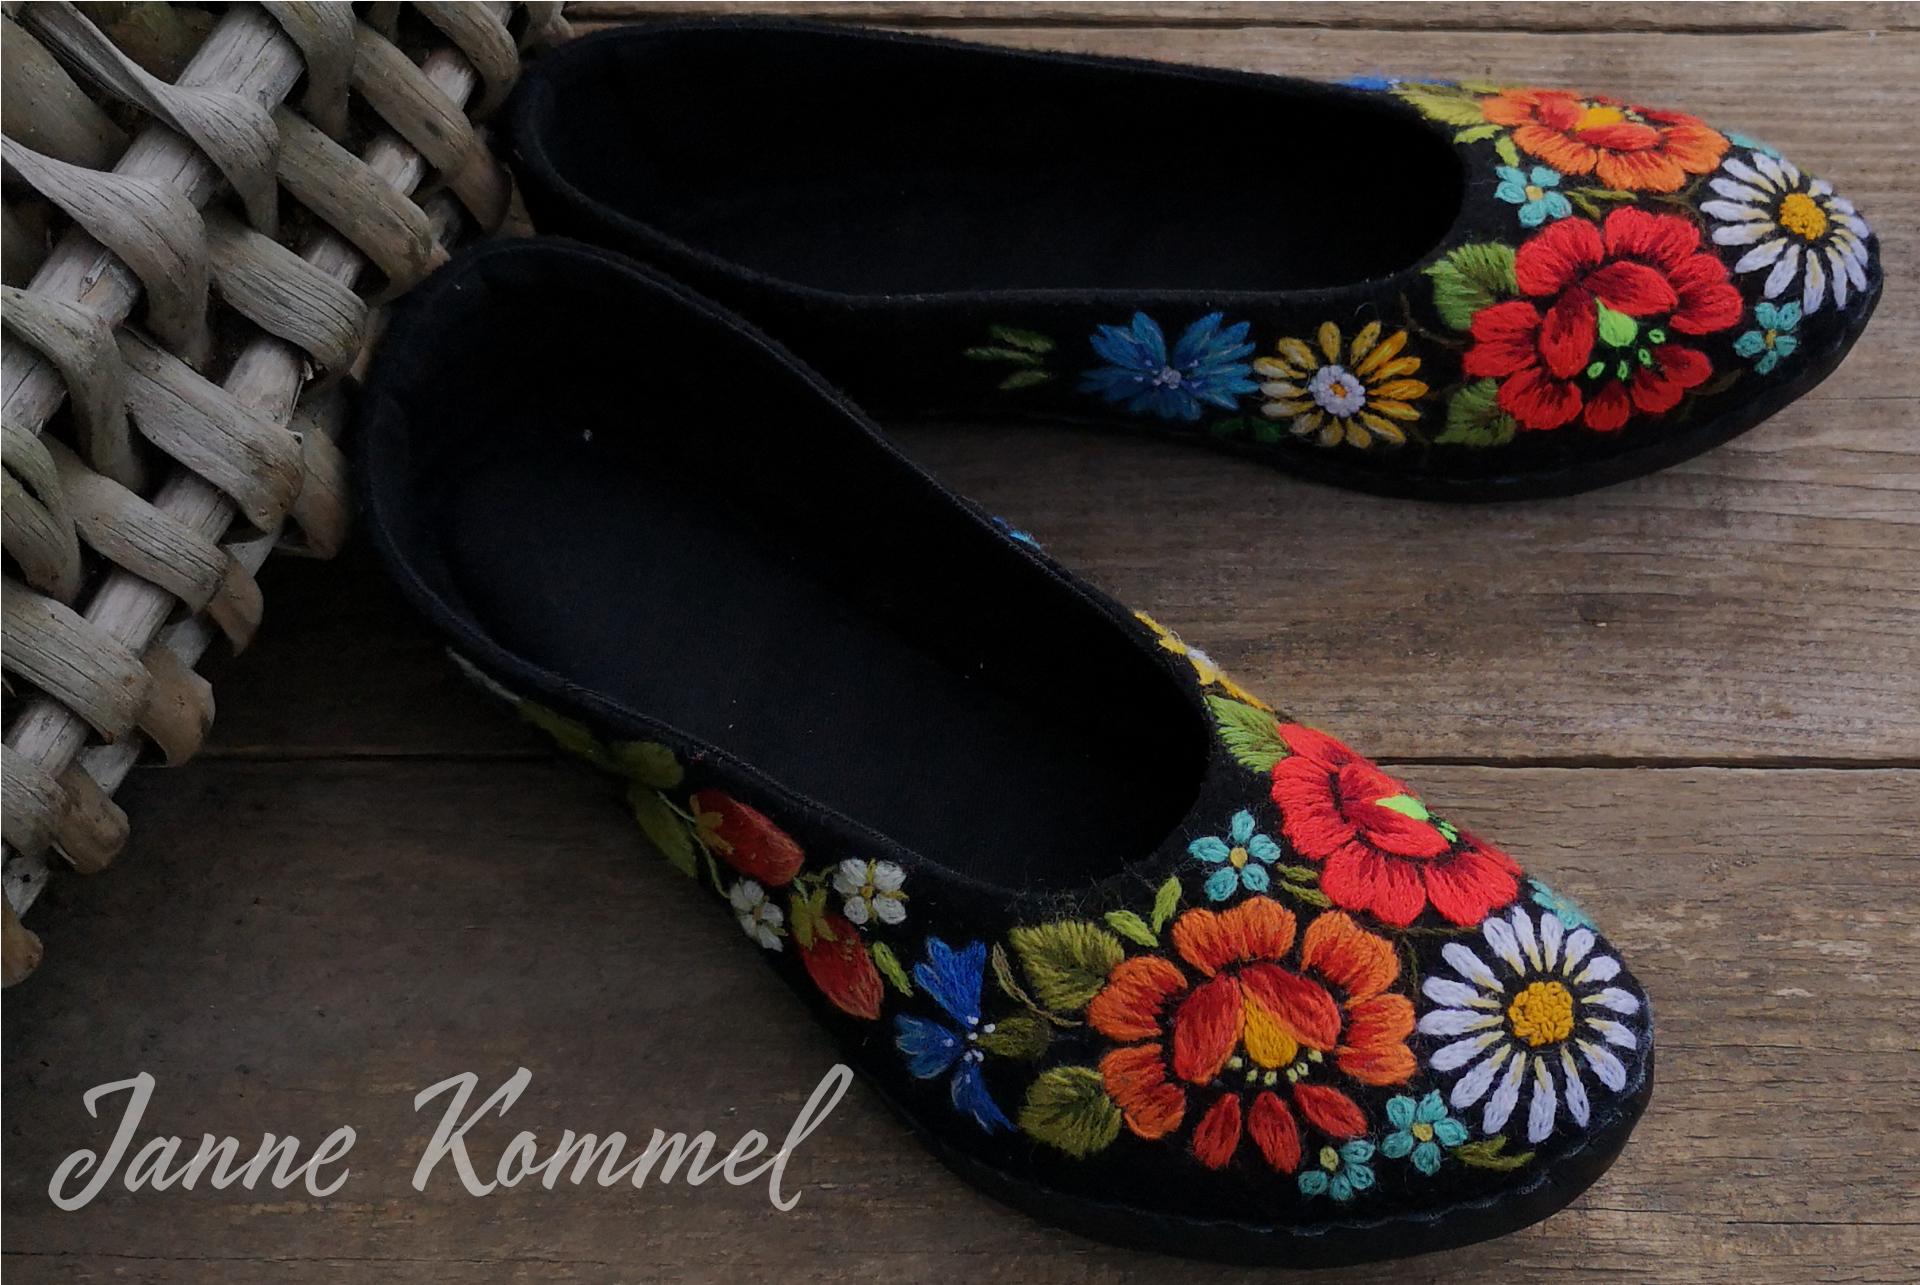 Janne-Kommel_ilu